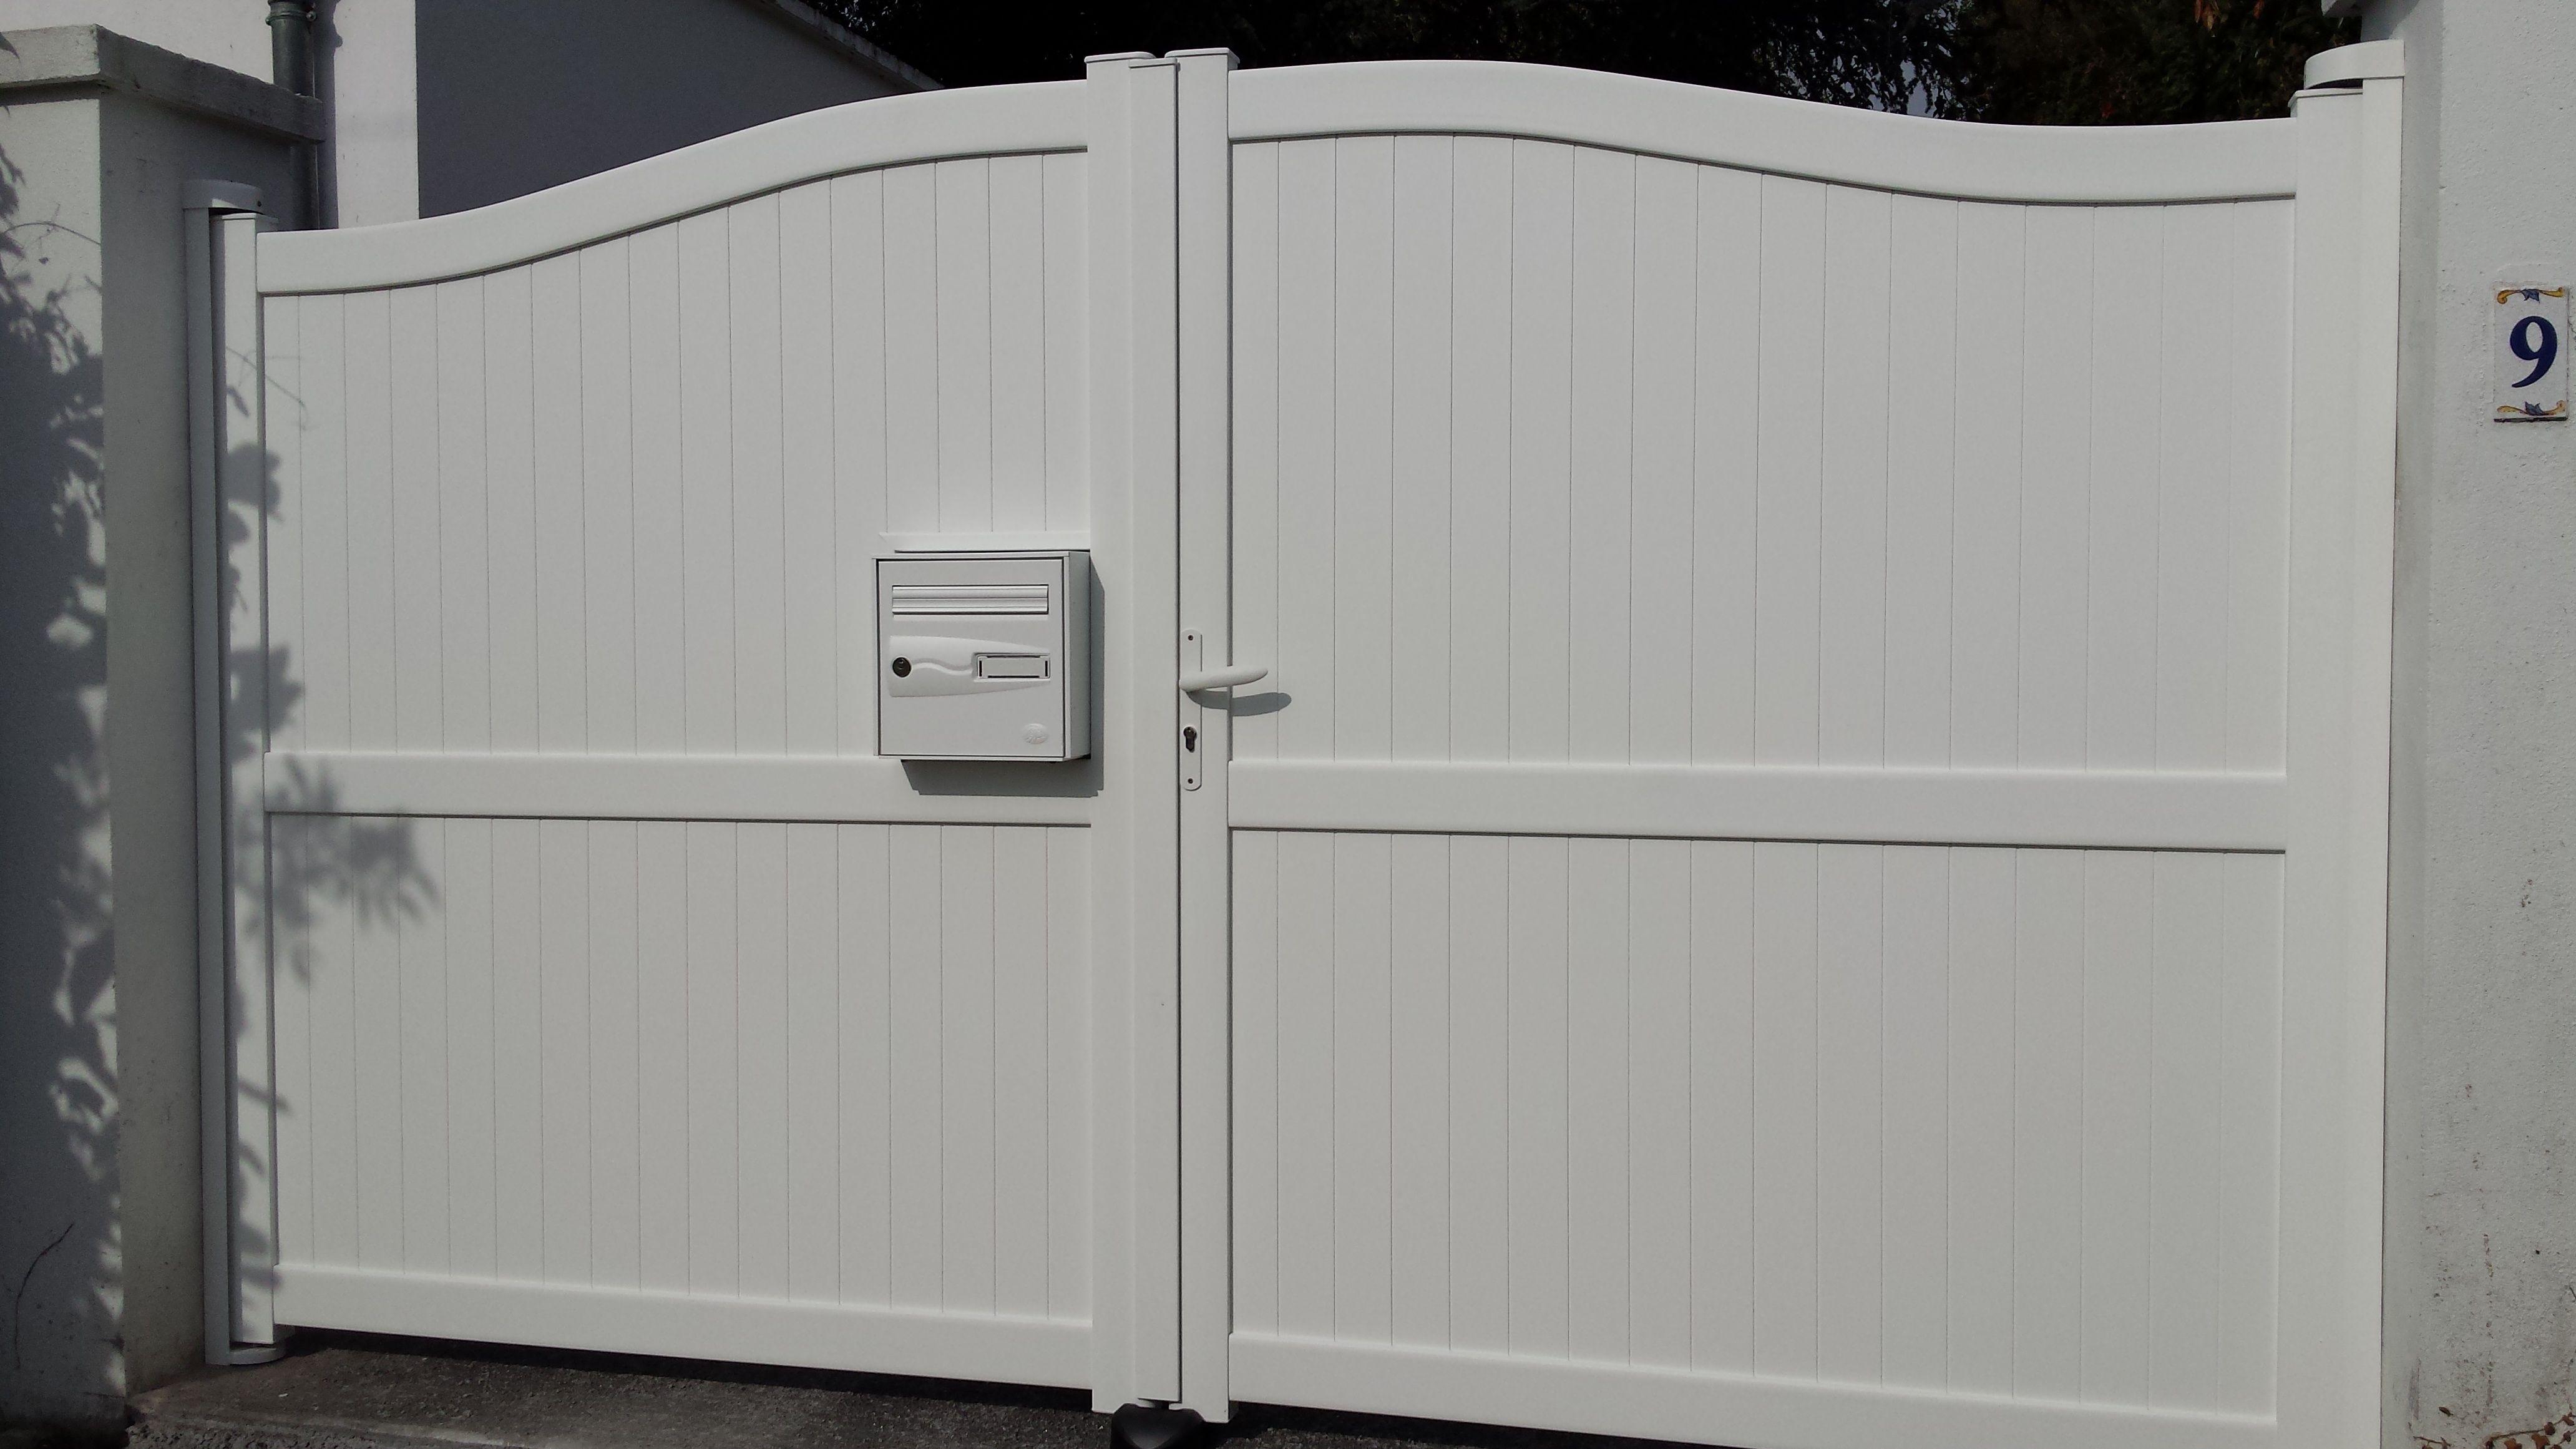 portail alu avec bo tes aux lettres int gr e portail aluminium pinterest portail aluminium. Black Bedroom Furniture Sets. Home Design Ideas